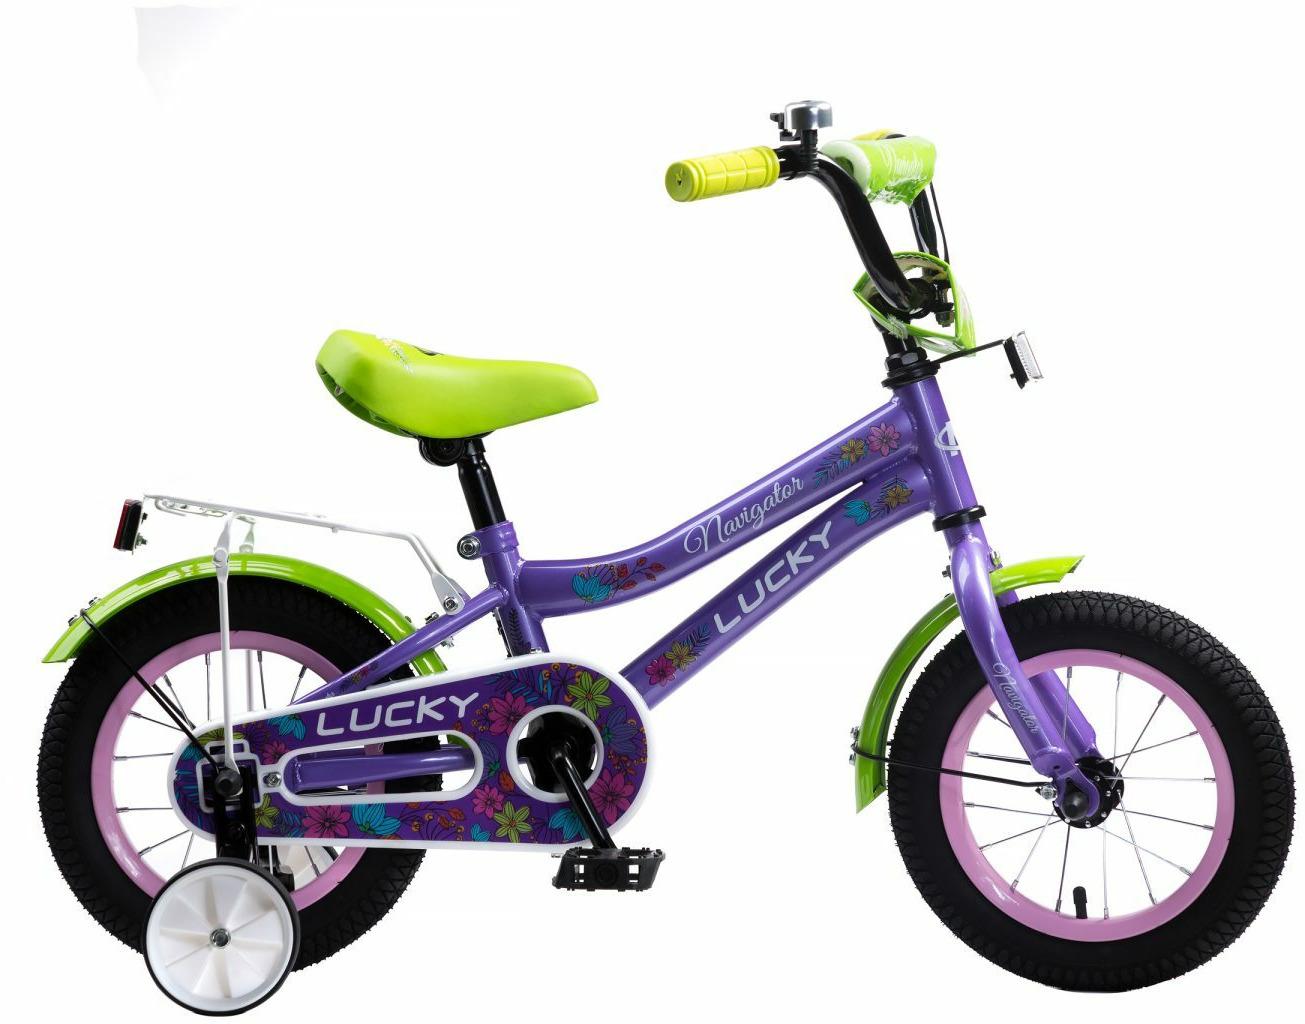 Велосипед детский Navigator Lucky, ВН12131, фиолетовый, светло-зеленый, колесо 12